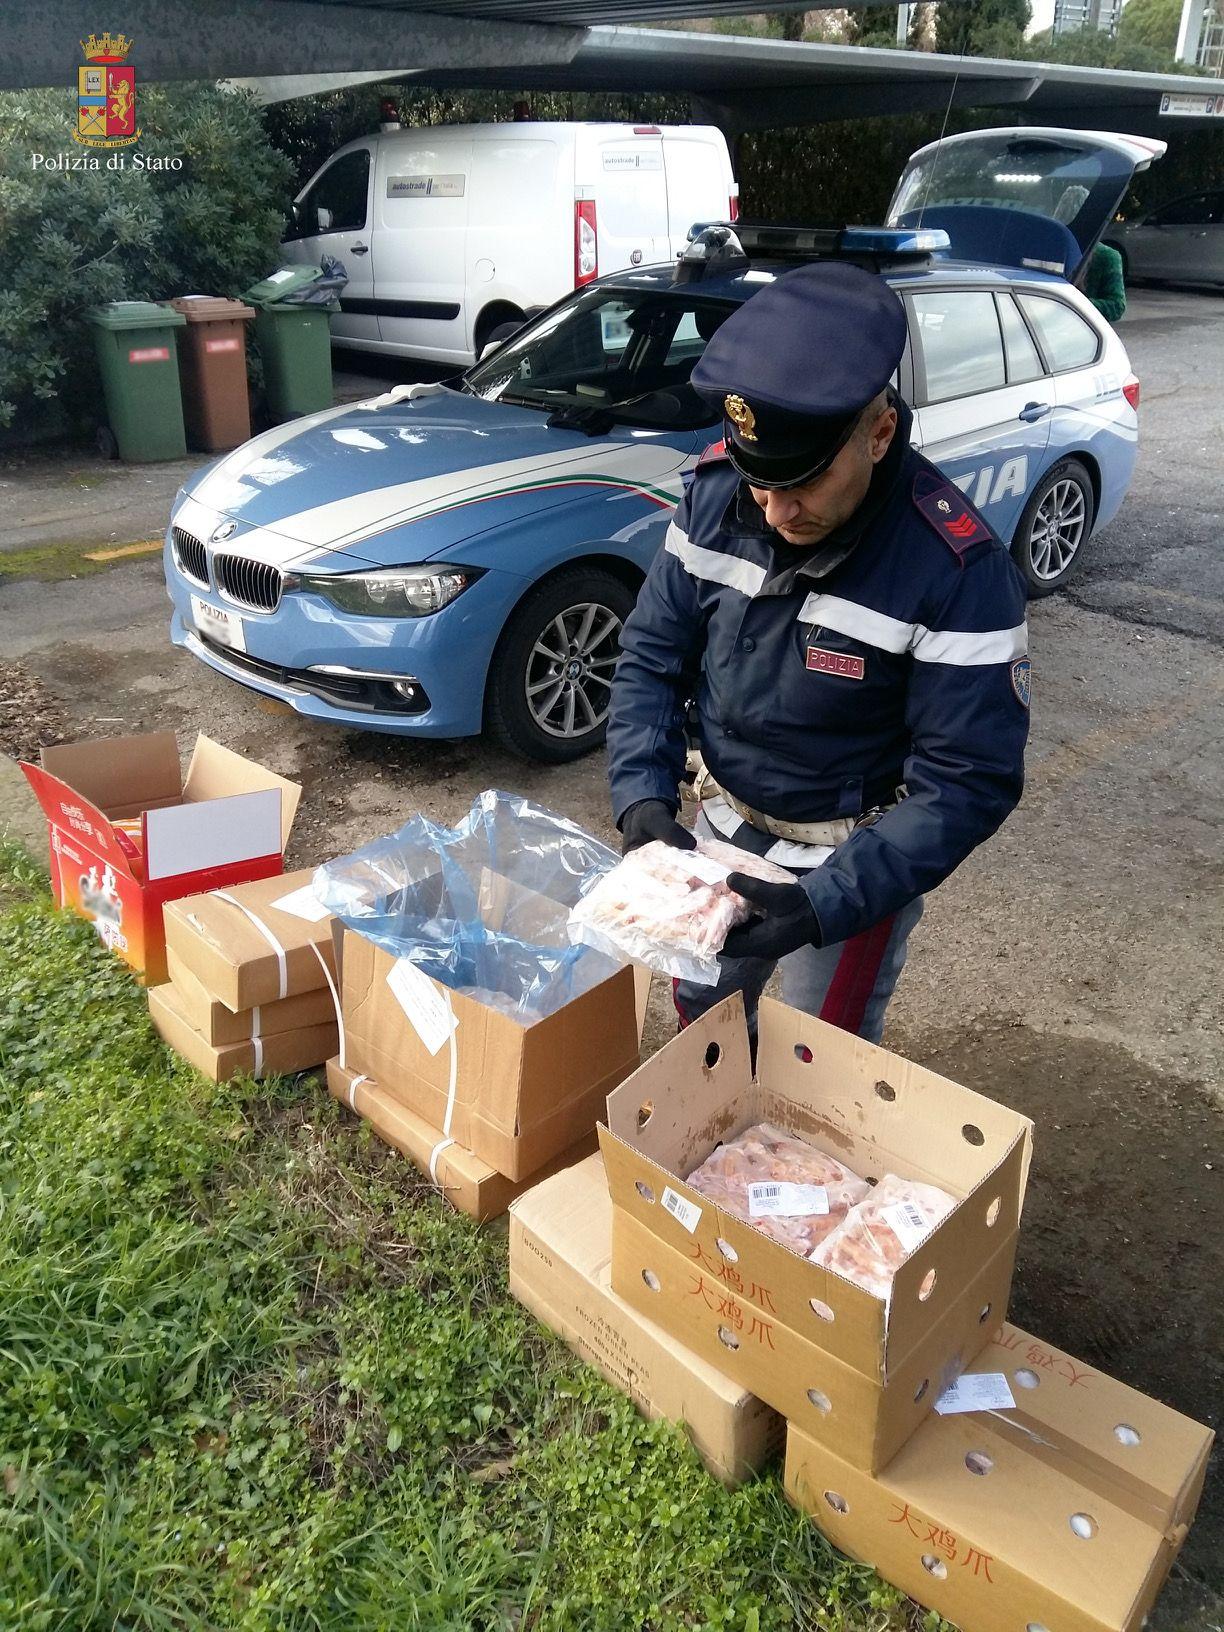 Ristoratore cinese trasporta un quintale di cibo conservato non a norma: multa di 1300 euro